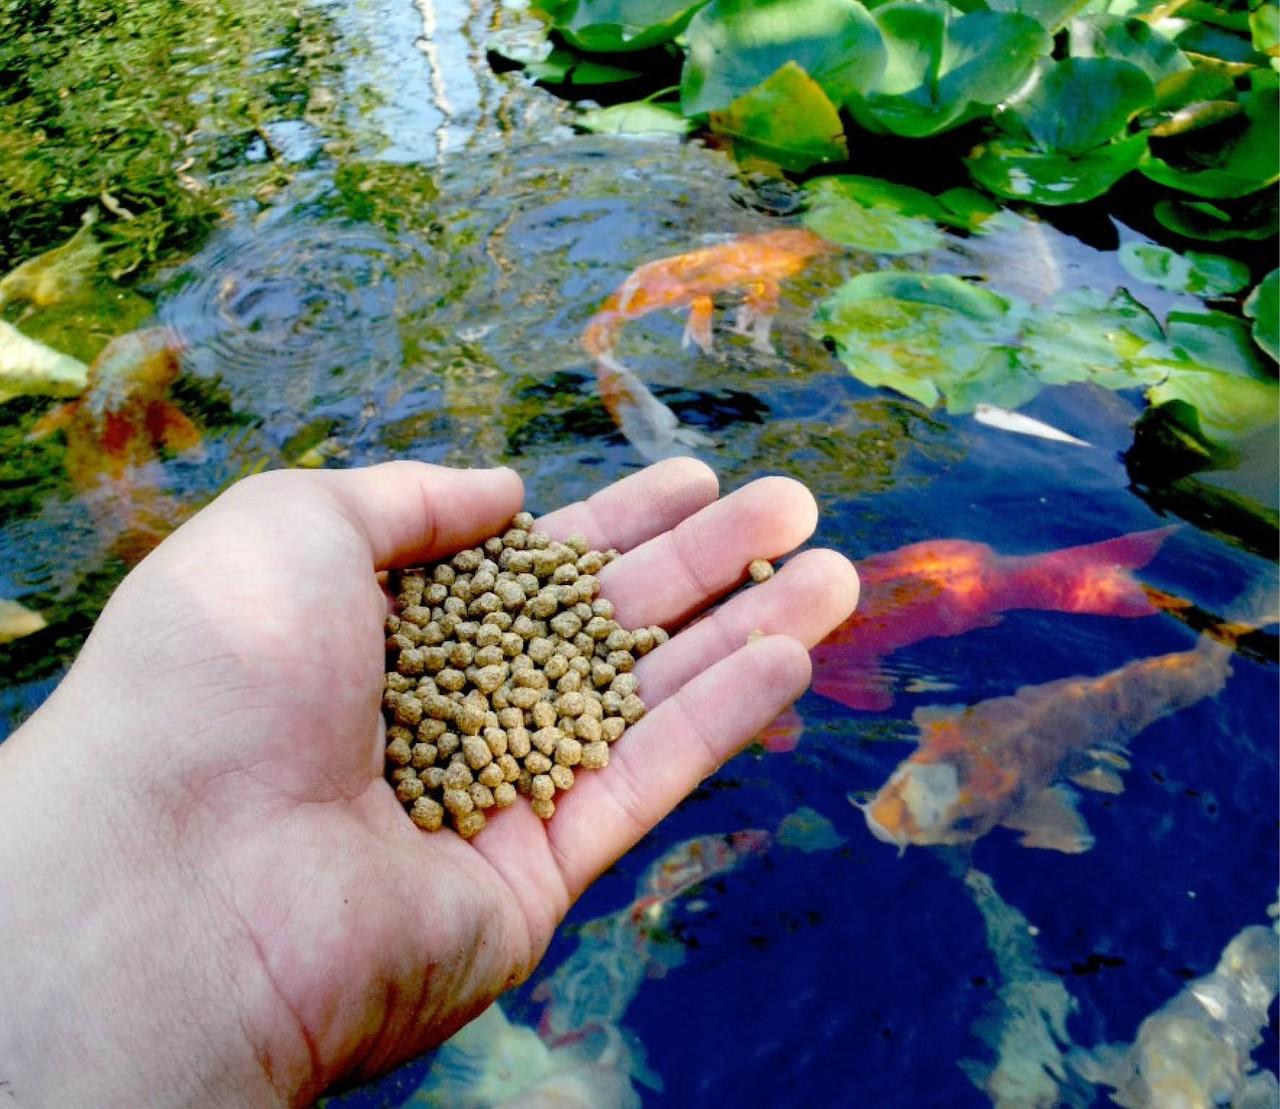 Vijvervissen voeren: waarom, hoe, wat & wanneer (niet)